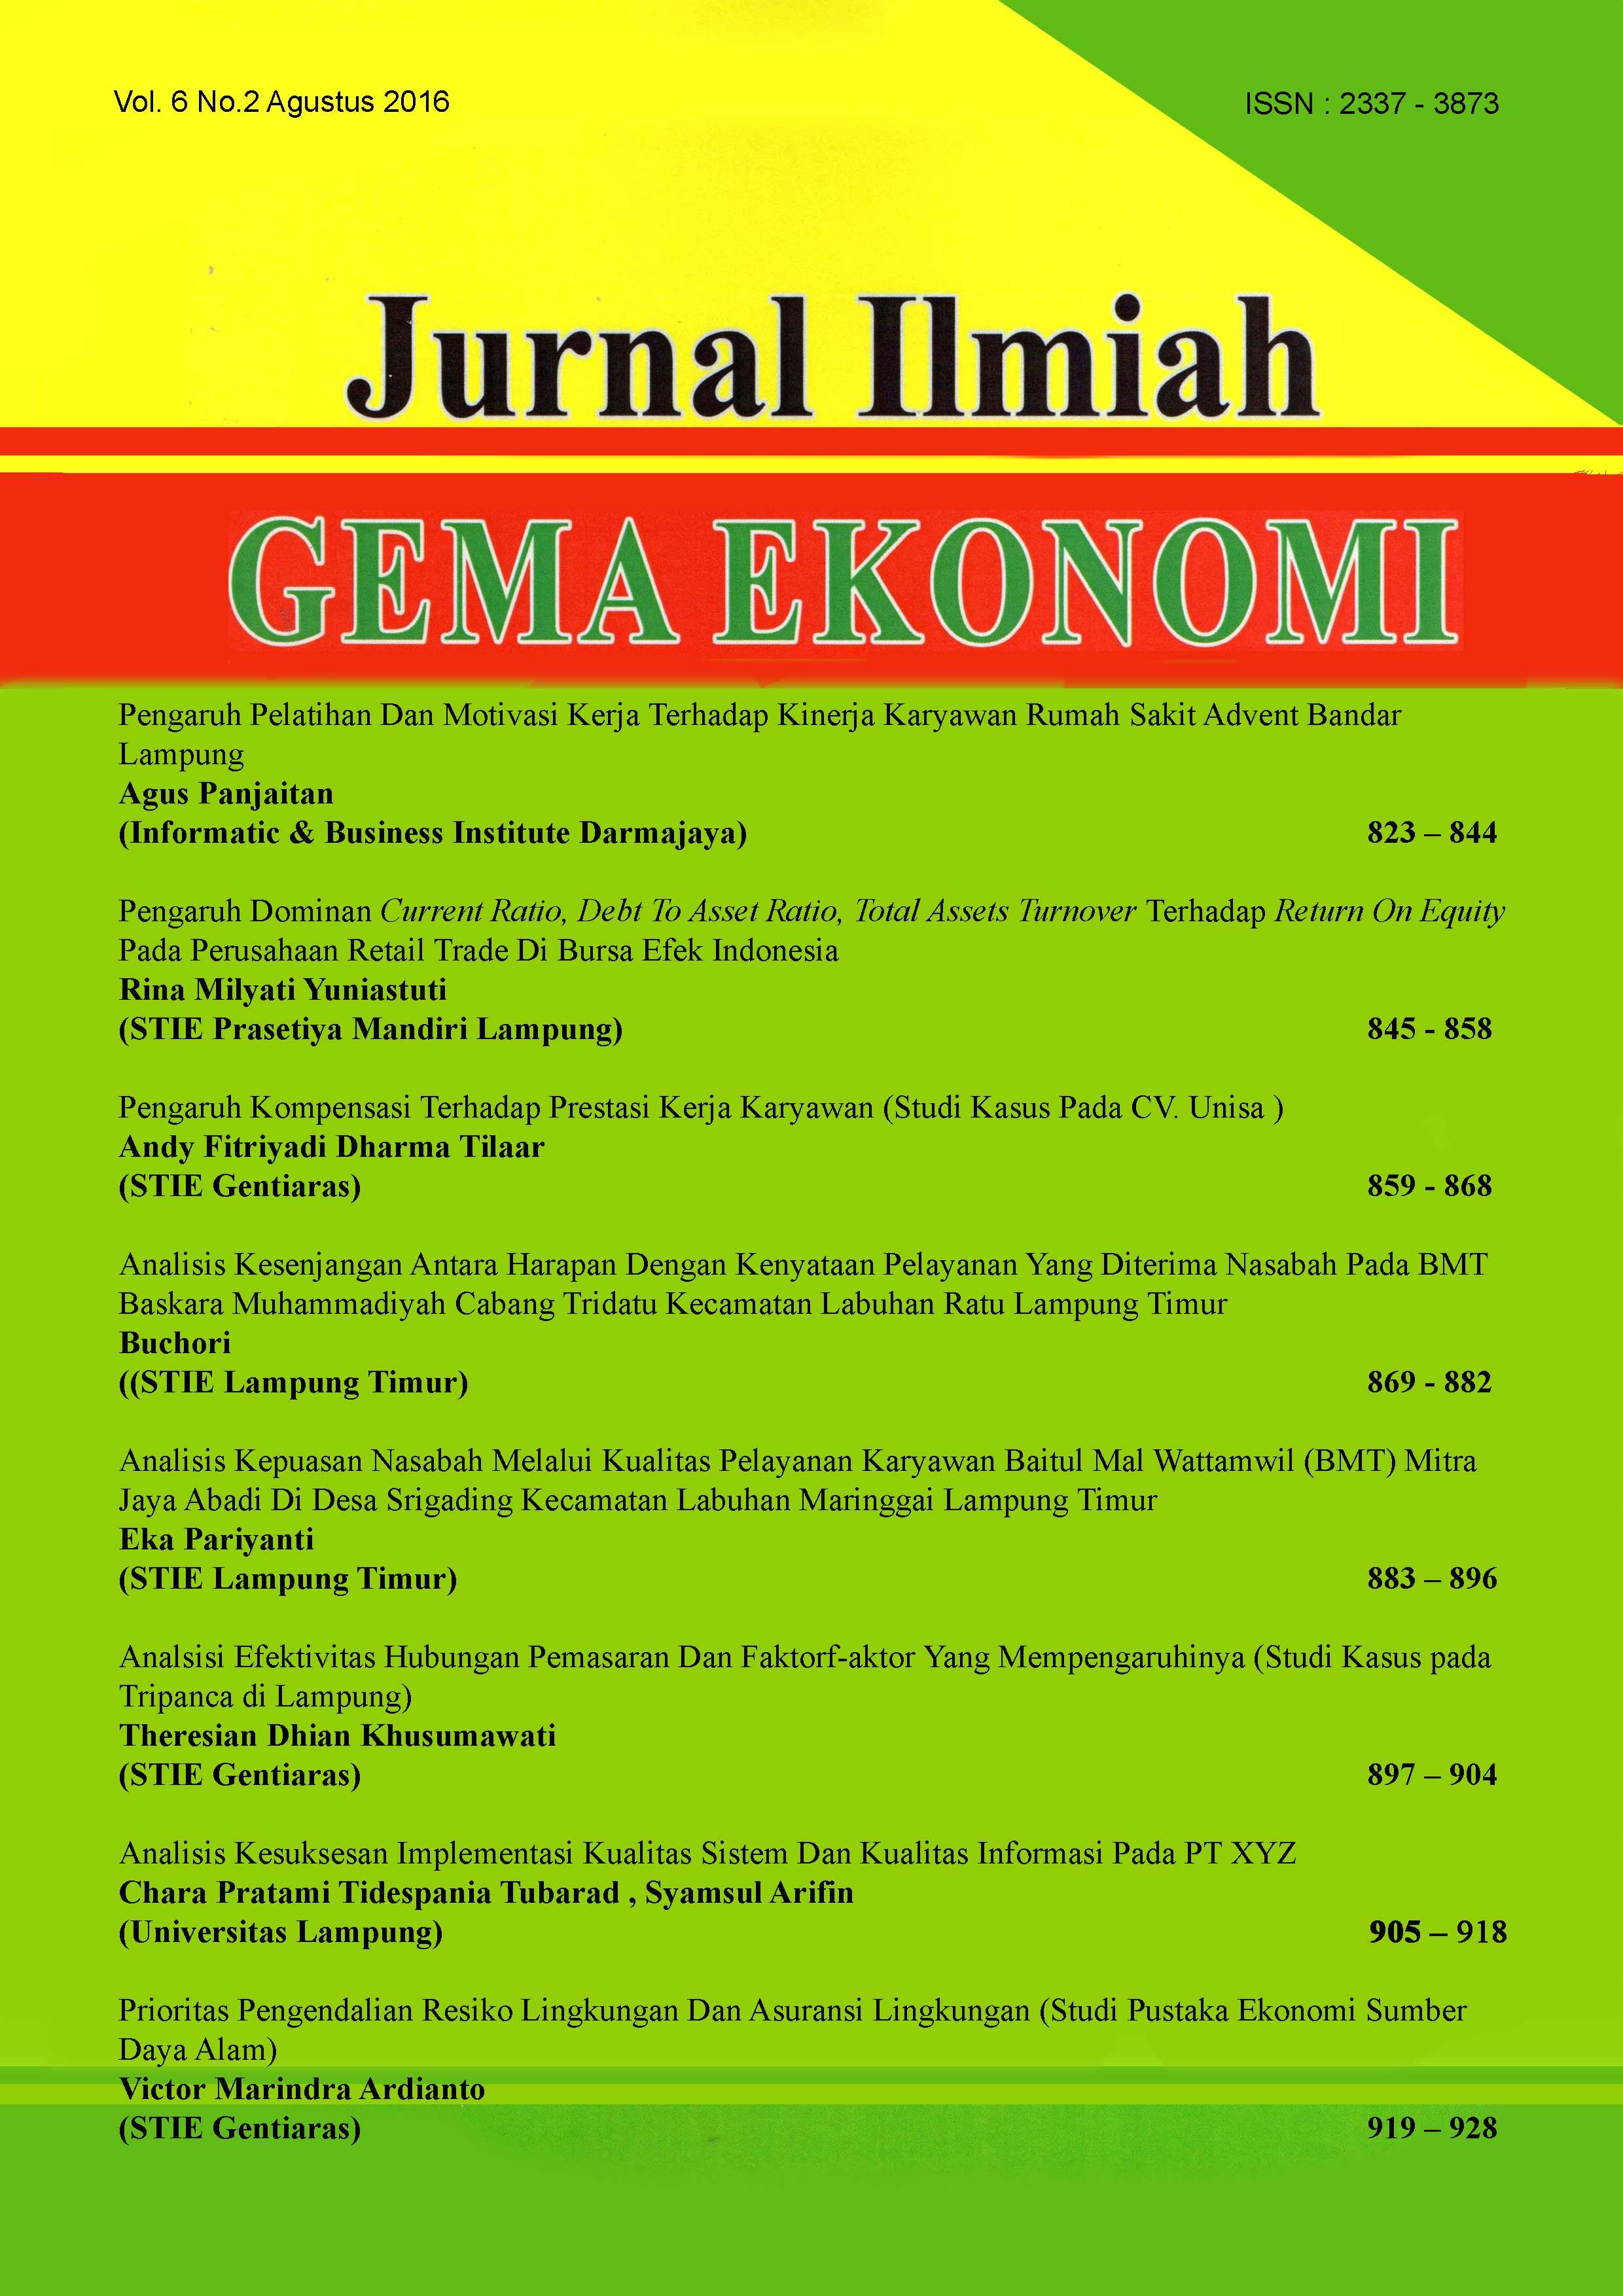 Analisis kesenjangan antara harapan dengan kenyataan pelayanan yang pdf bahasa indonesia ccuart Images